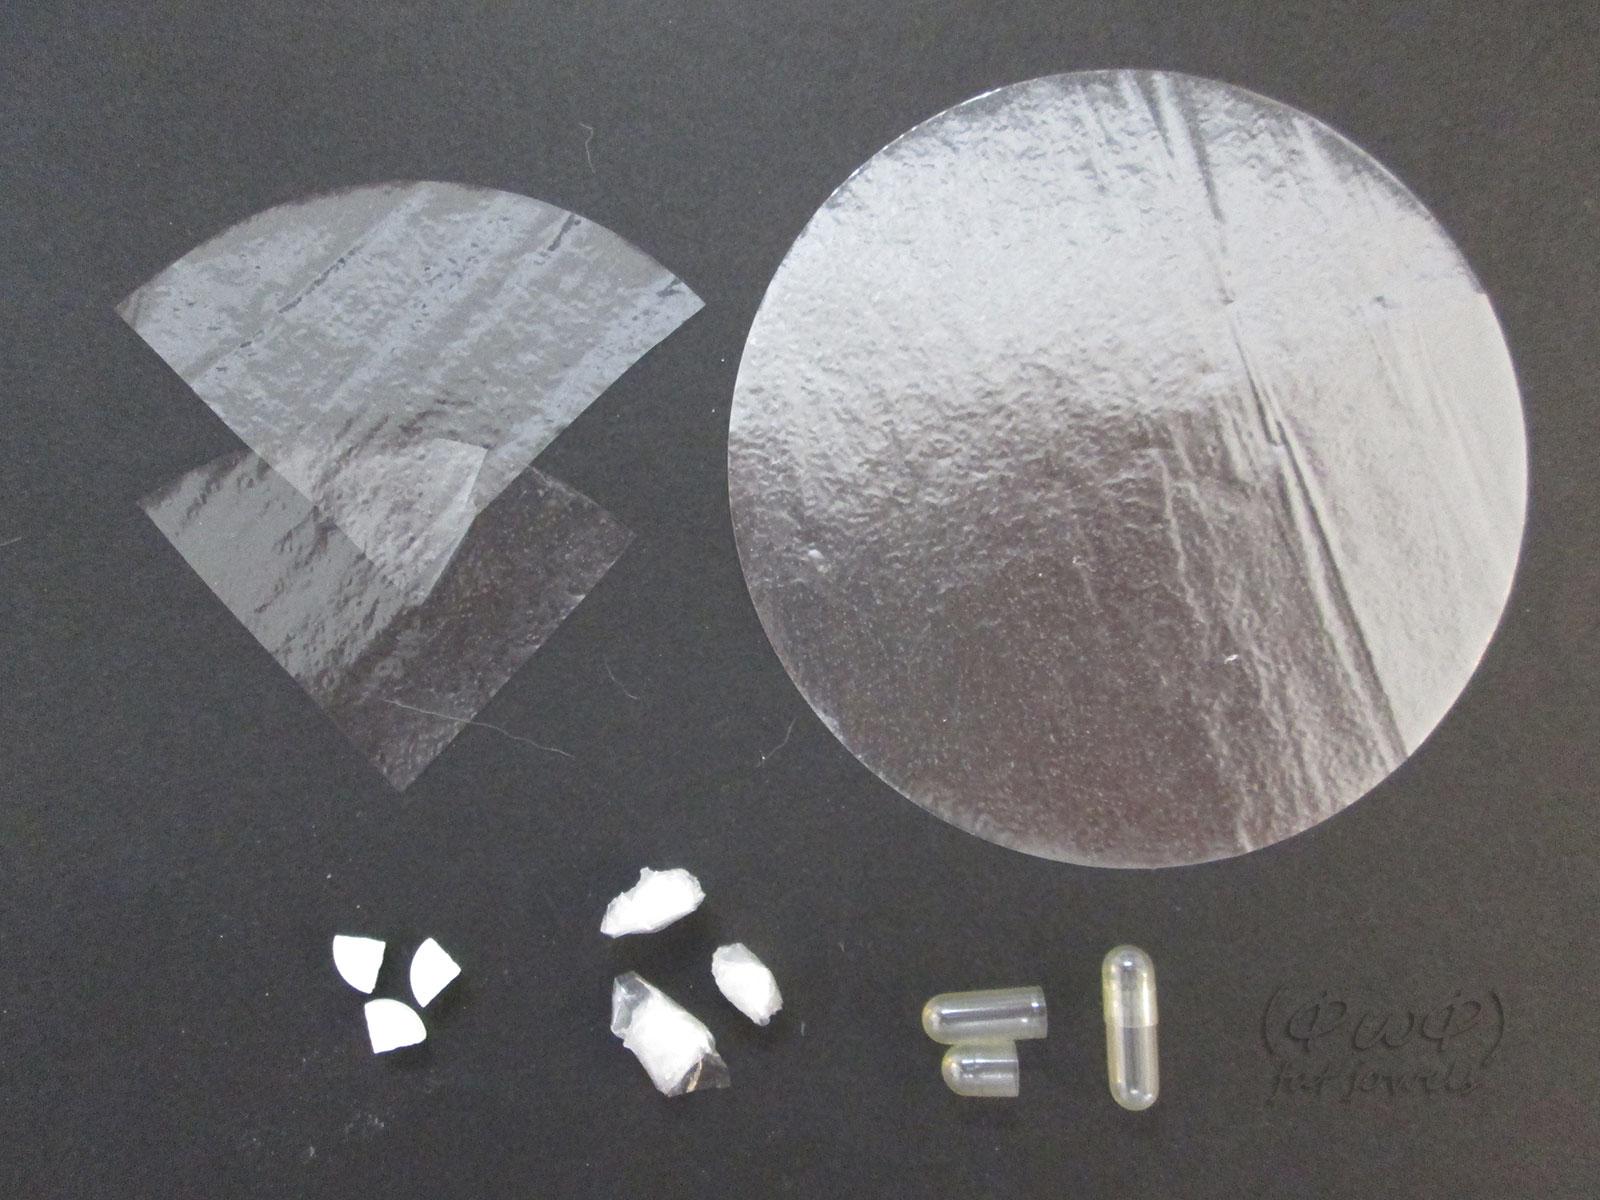 投薬補助に使用するもの